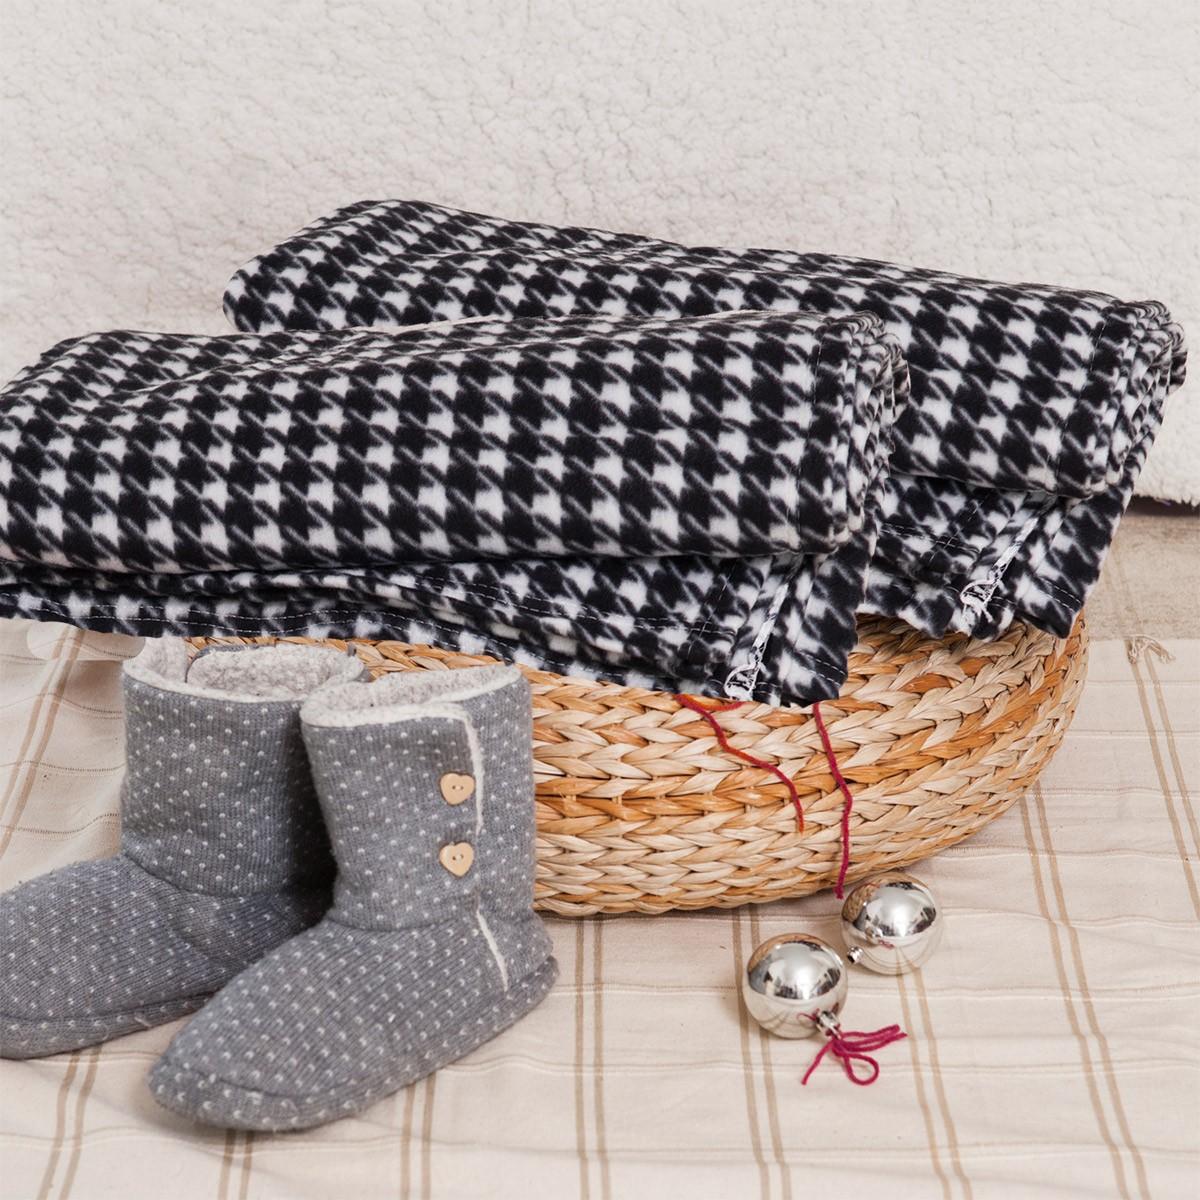 Κουβέρτα Fleece Υπέρδιπλη Melinen Piet De Poul home   κρεβατοκάμαρα   κουβέρτες   κουβέρτες fleece υπέρδιπλες